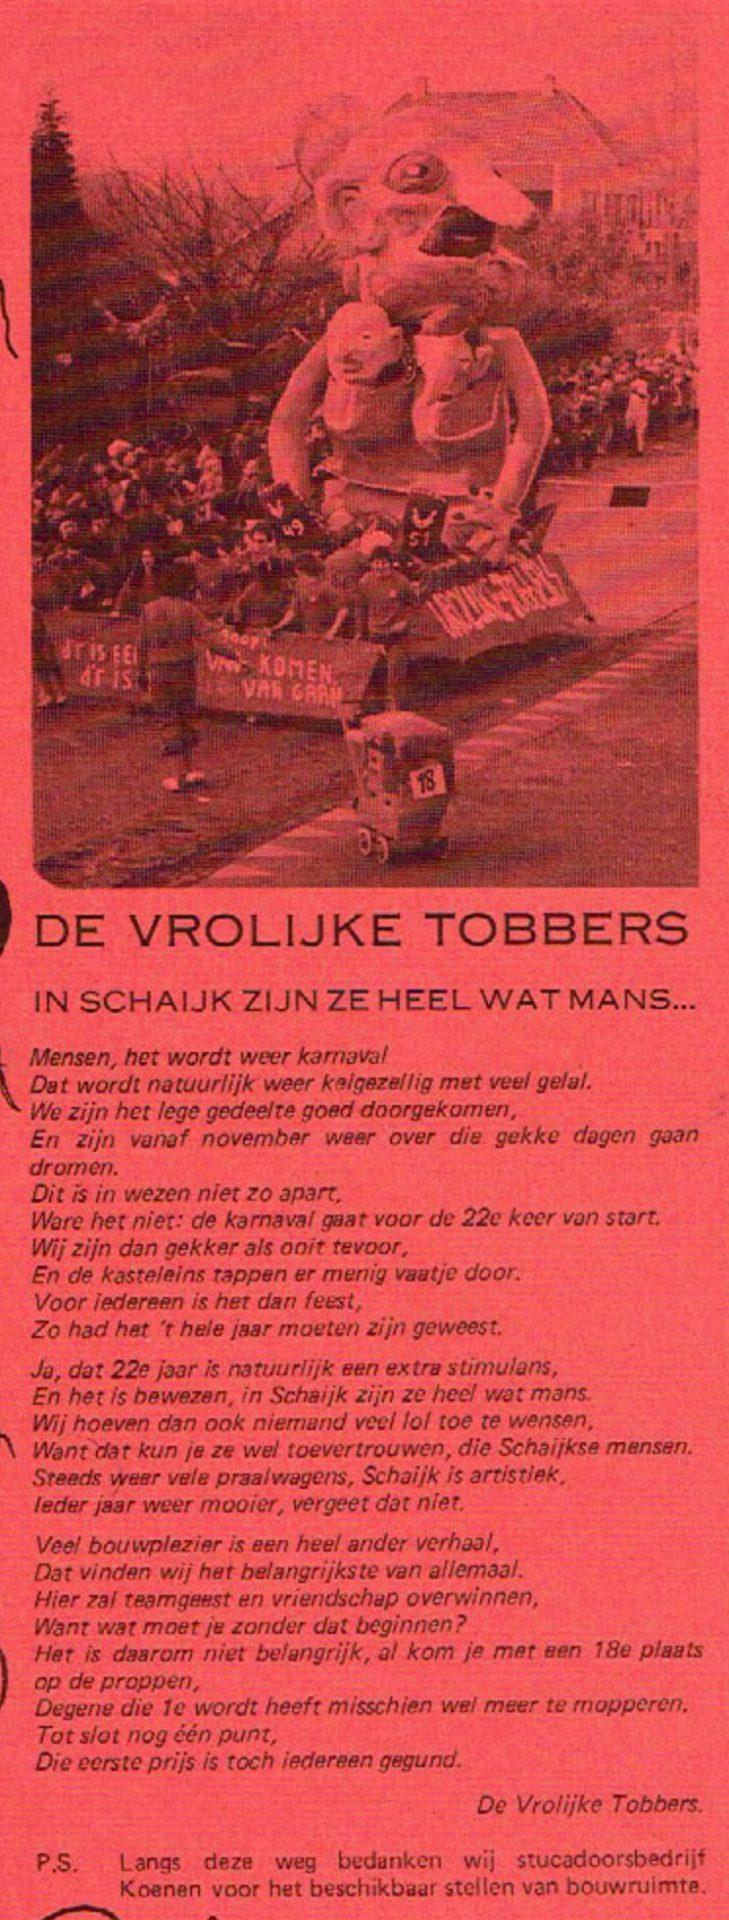 Stukje uit de carnavalskrant van De Vrolukke Tobbers - 1981